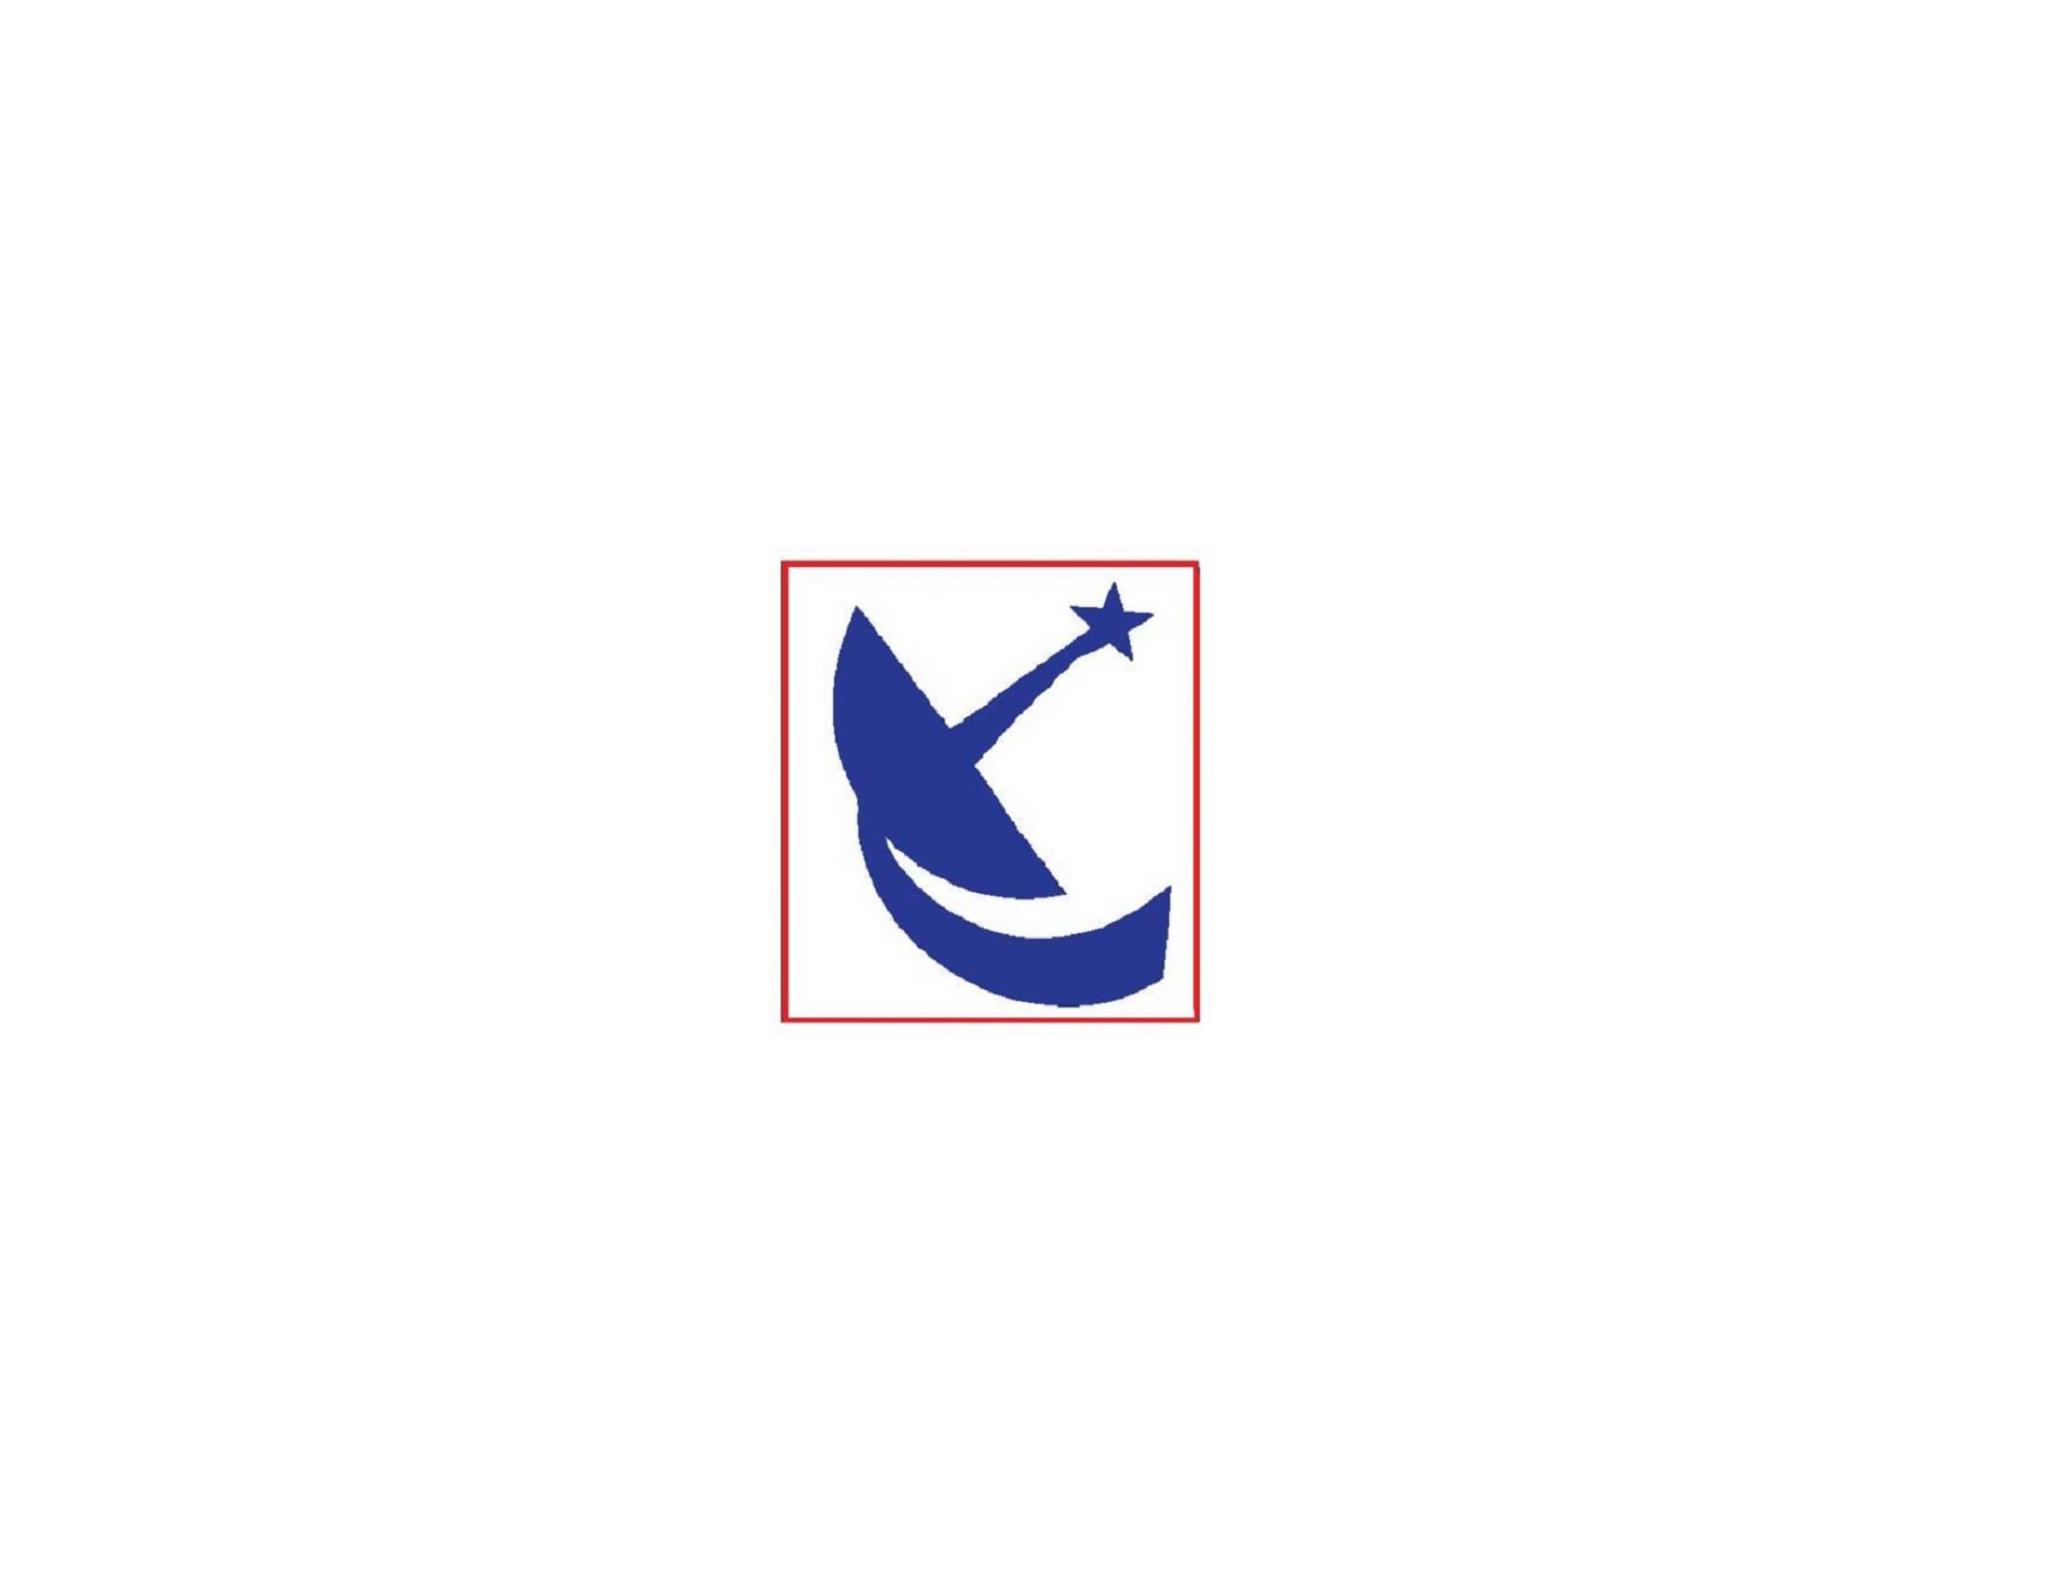 HMSTELCOM